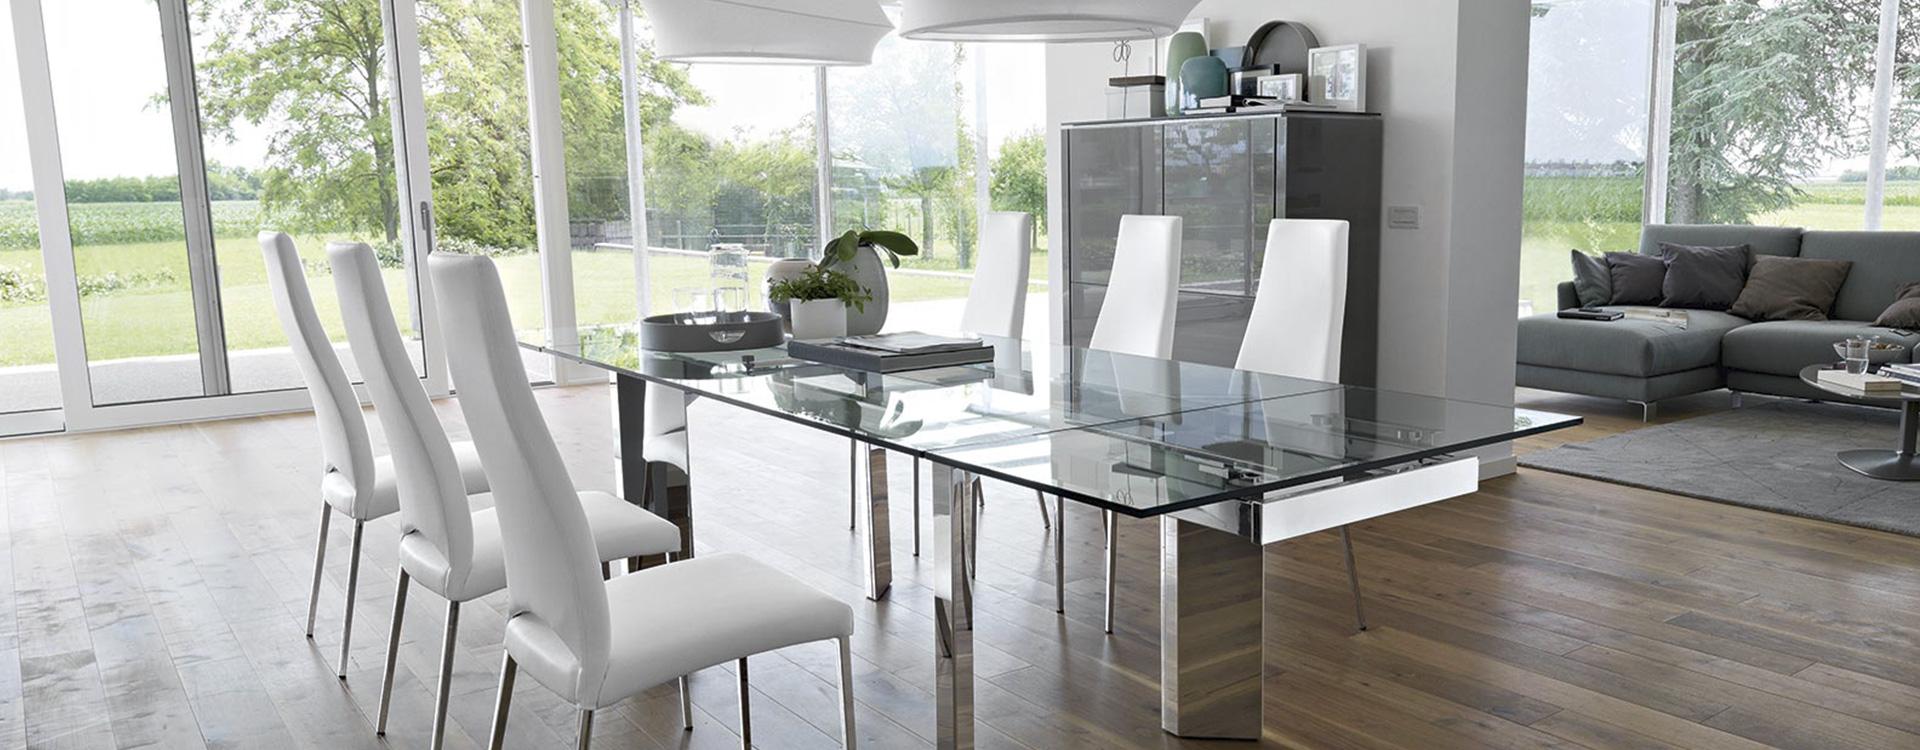 Tavoli e sedie luciano centomo arredamenti verona for Padovani arredamenti